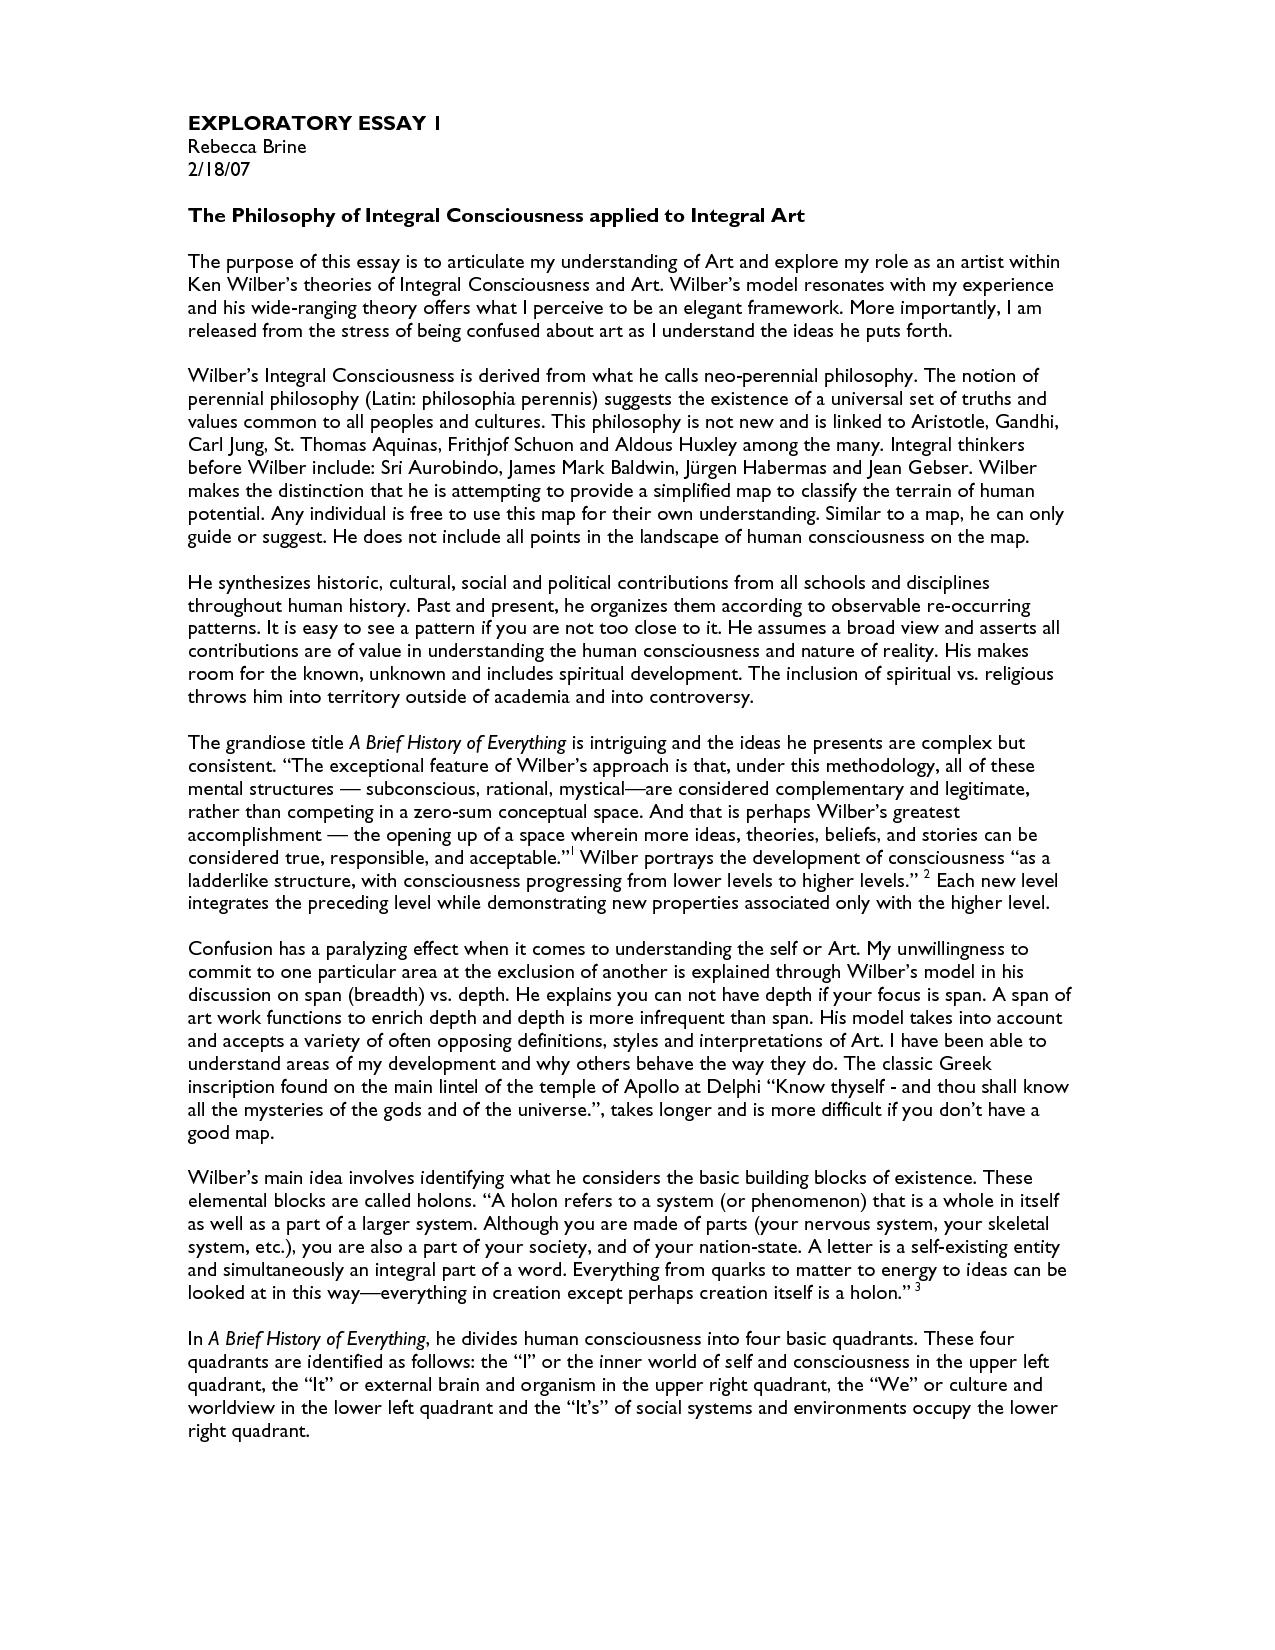 Example exploratory essay